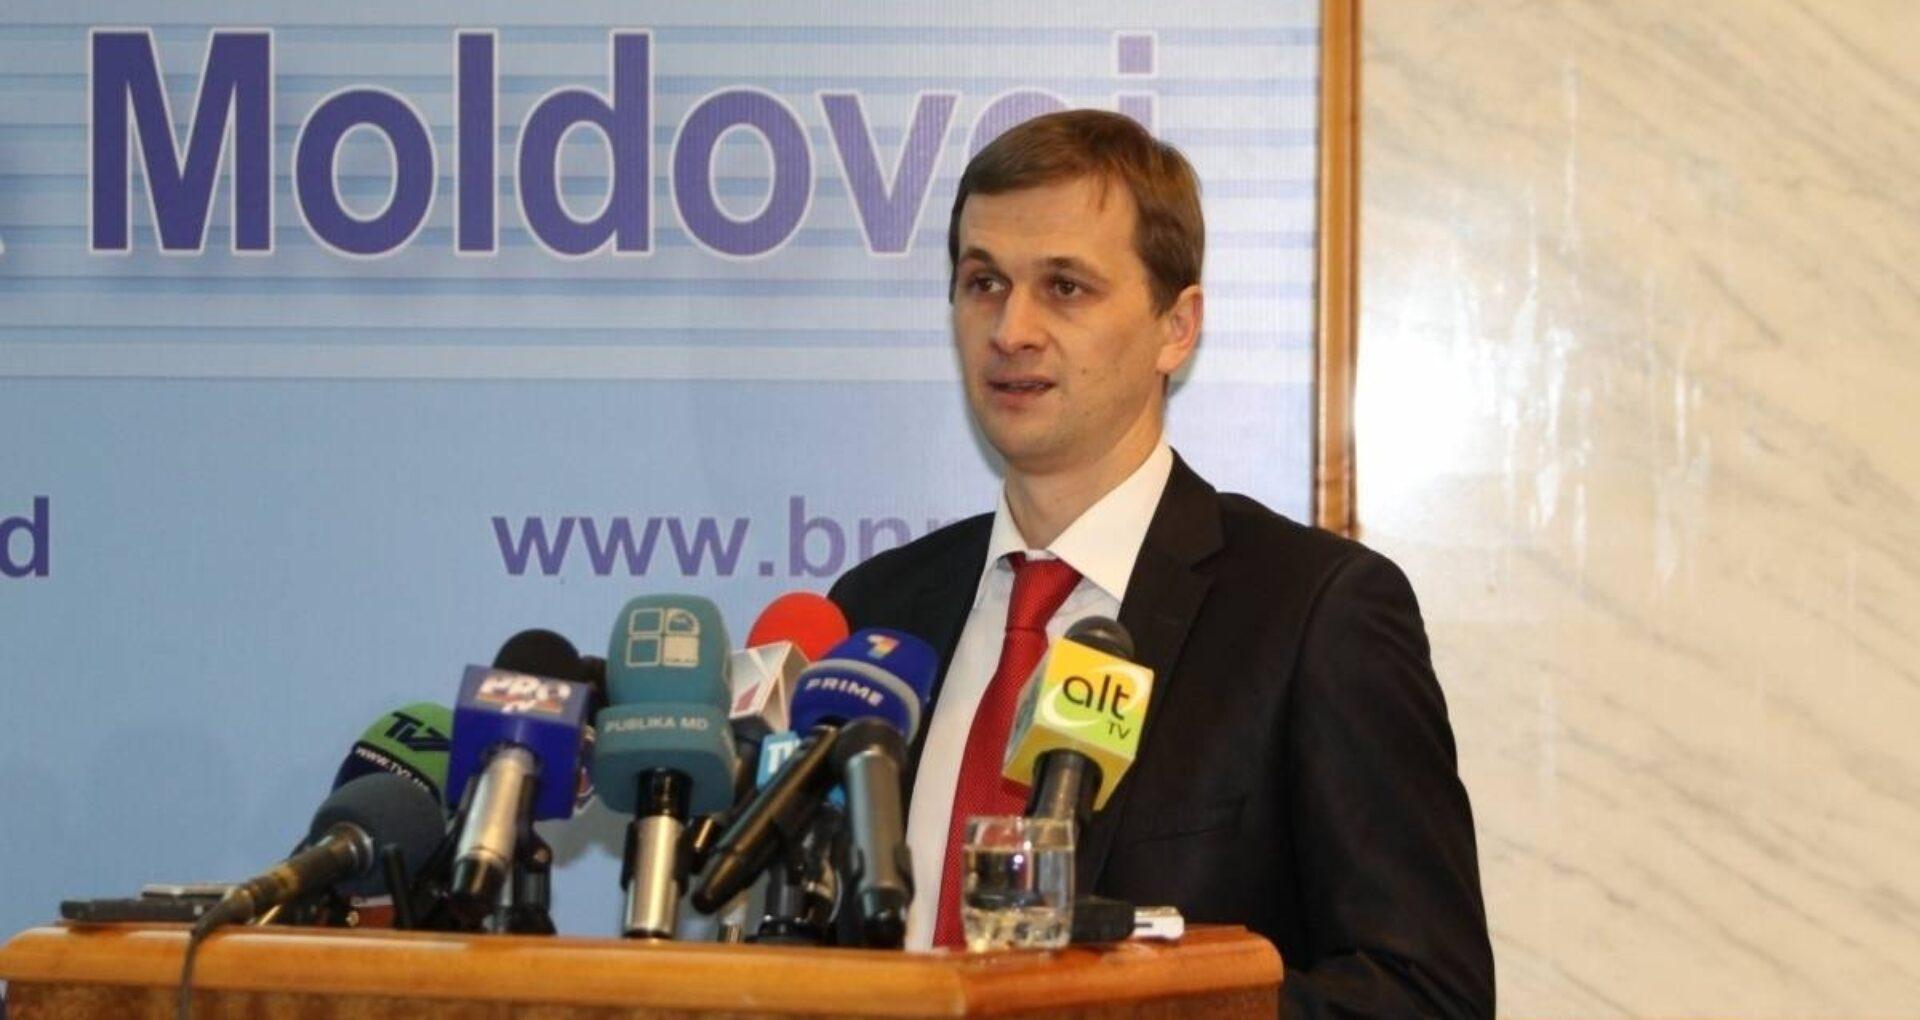 Percheziții în dosarul fraudei bancare. Este vizat fostul guvernator al BNM, Dorin Drăguțanu